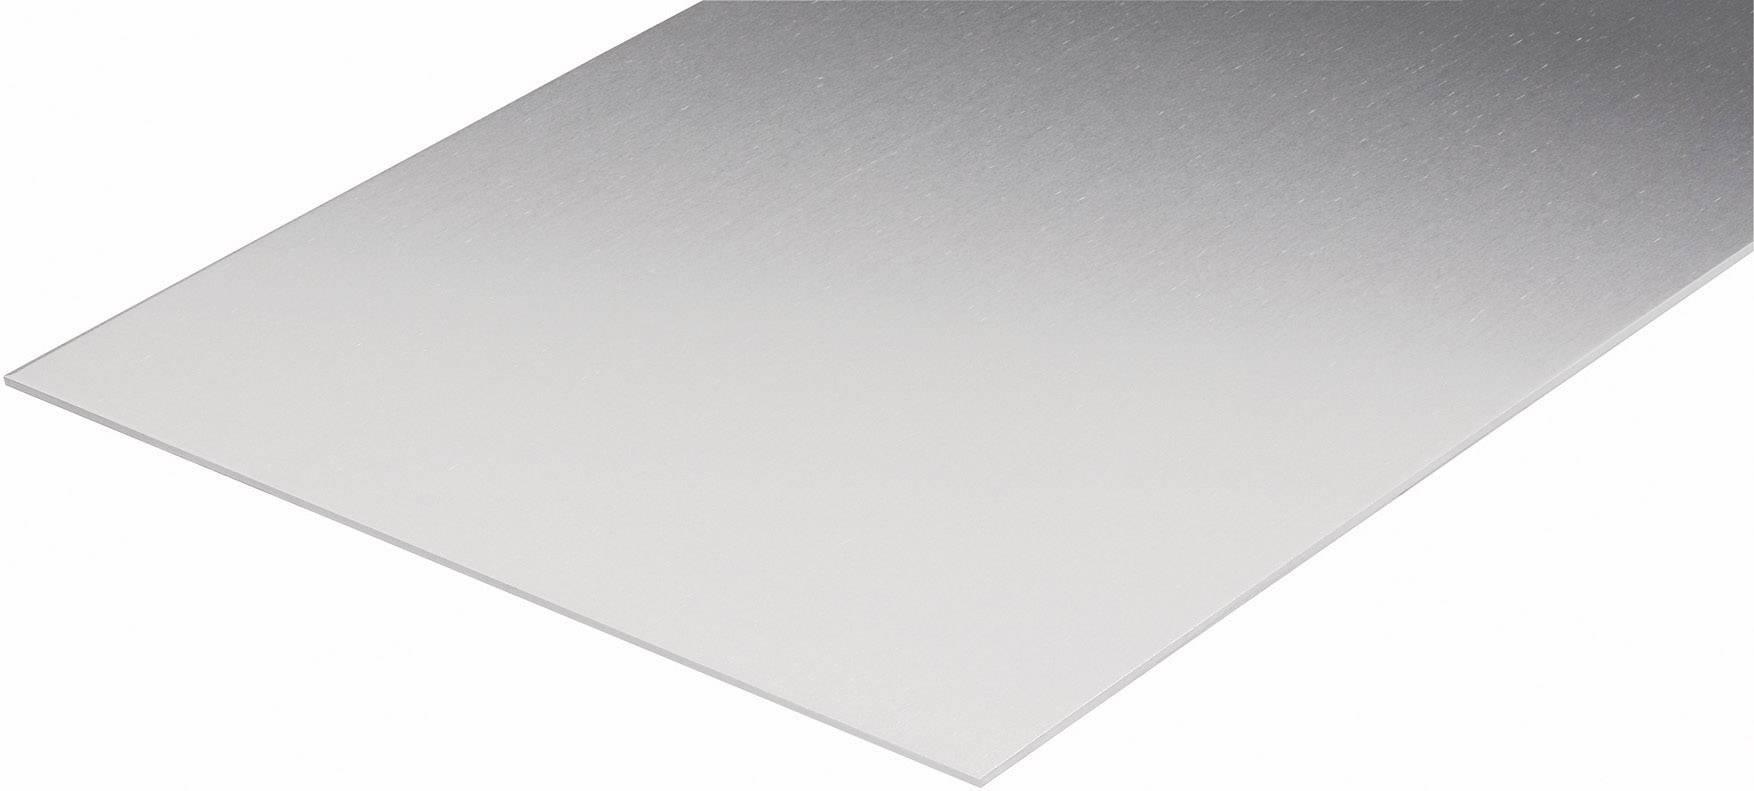 Hliníková deska Al-Mg 3 Modelcraft, 400 x 200 x 1,5 mm